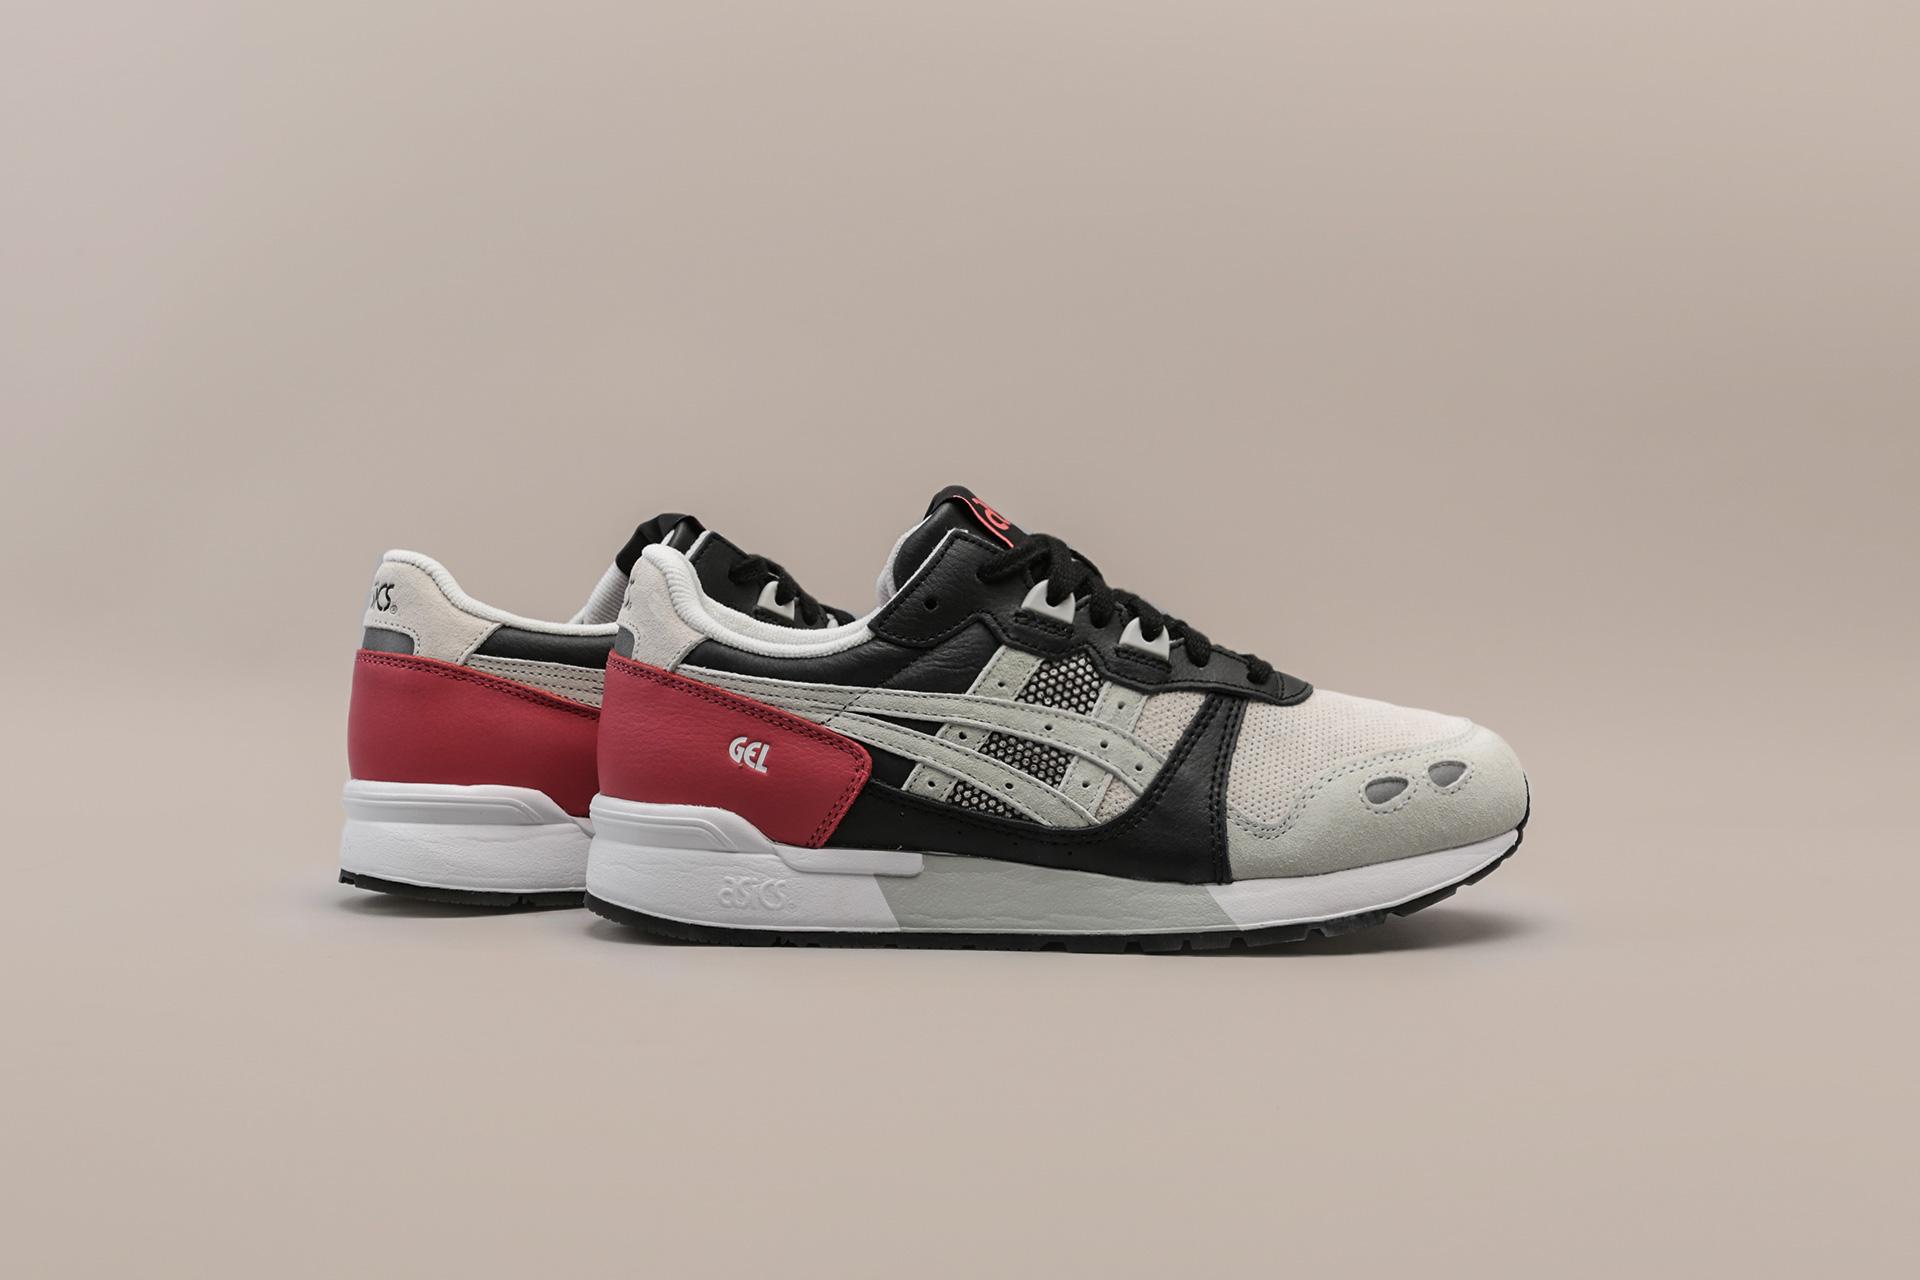 77f6e782 Купить серые мужские кроссовки Gel-Lyte от ASICS (1191A023-701) по ...